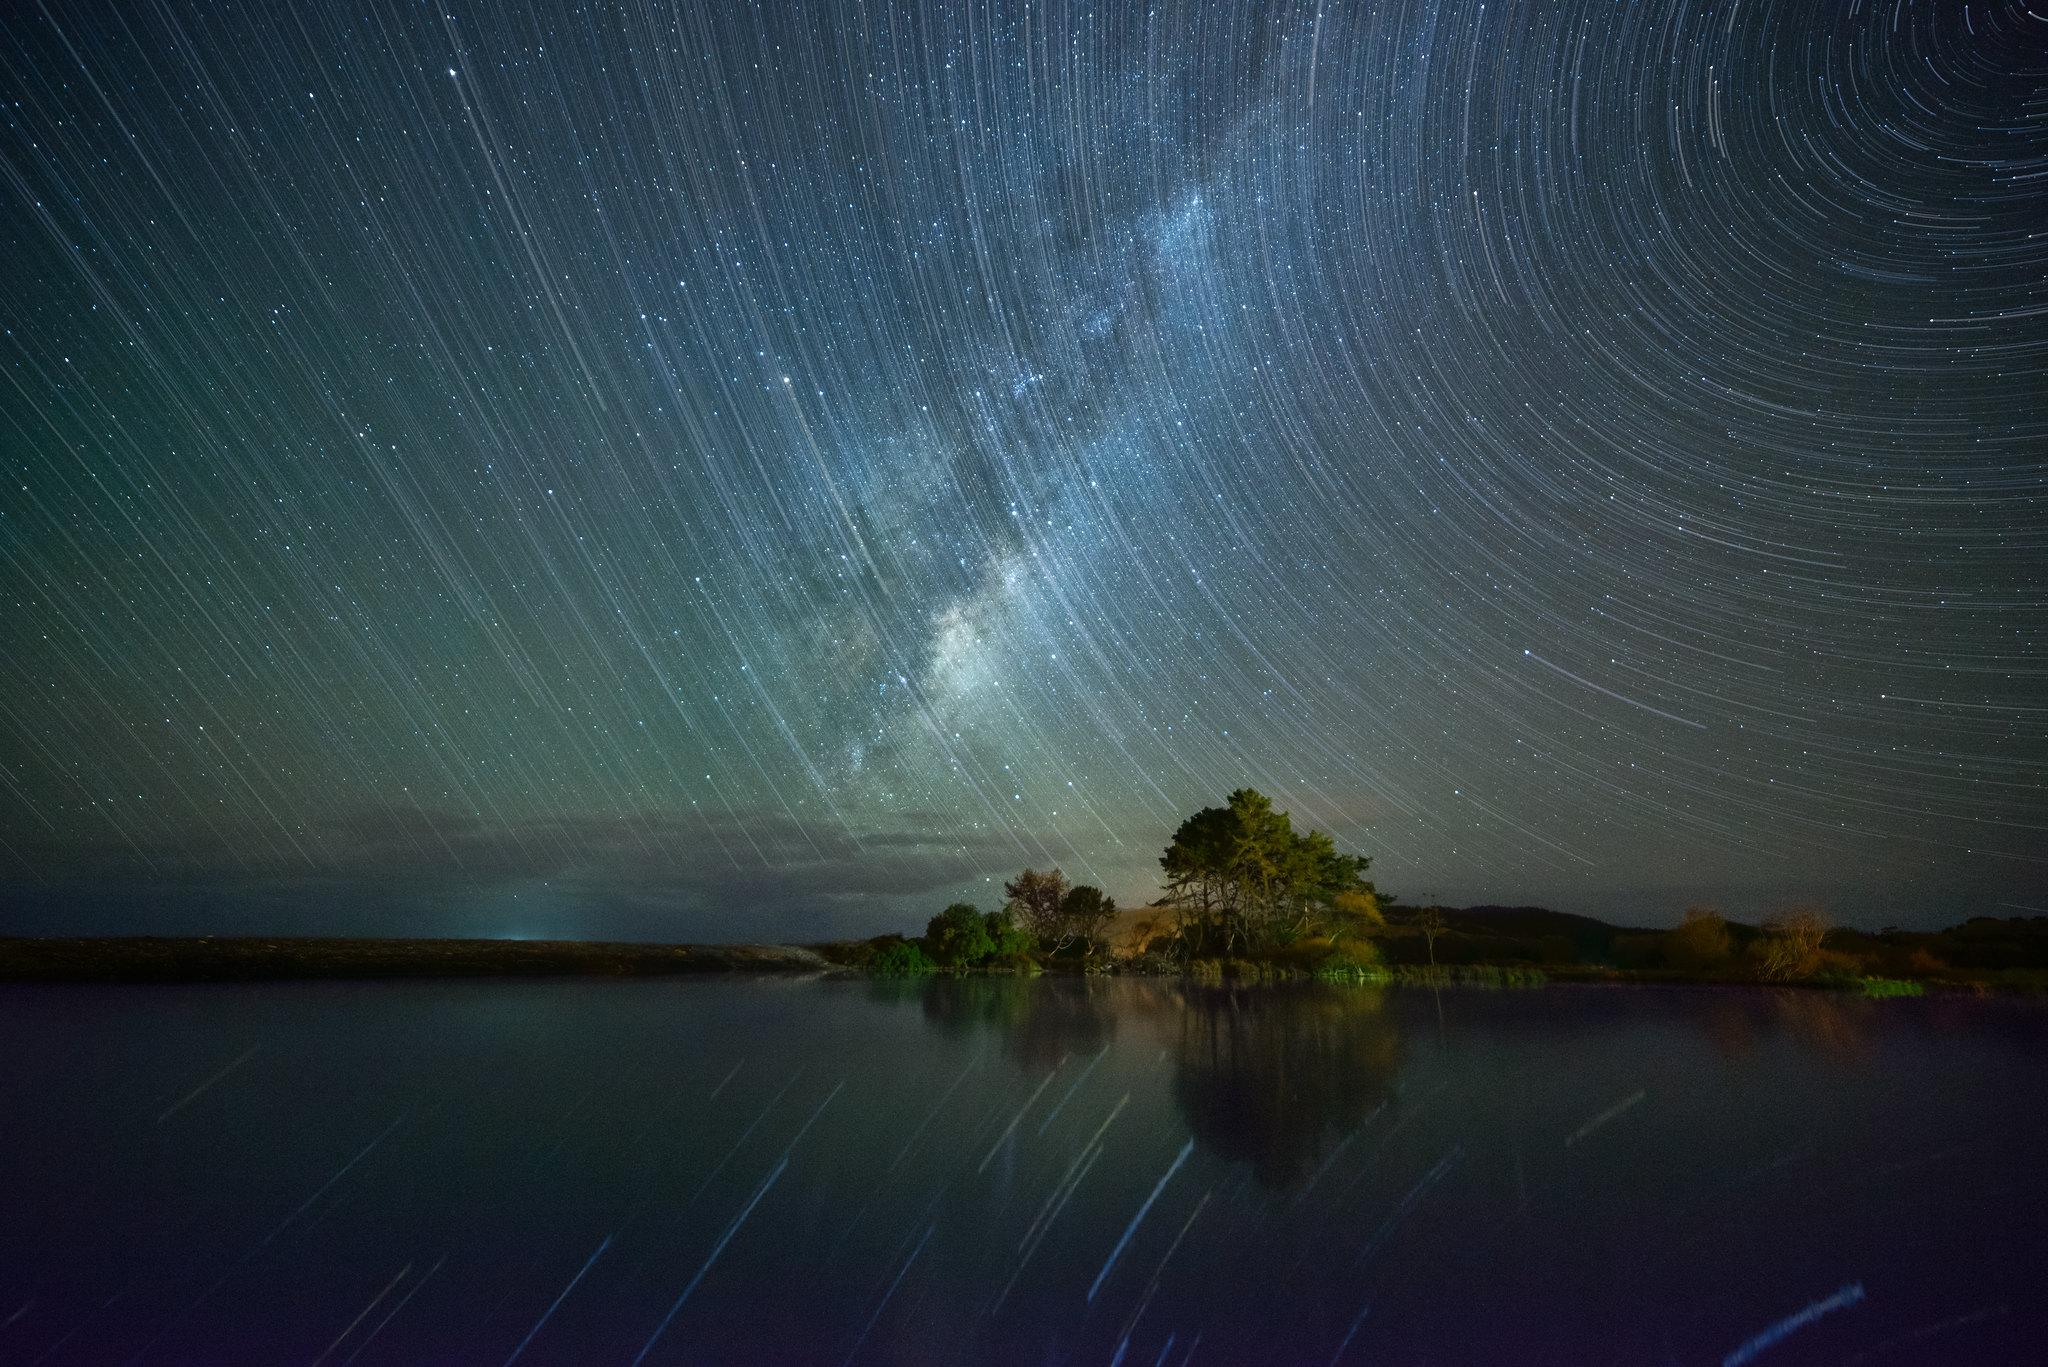 Star Trails over the Maraetotara River, Te Awanga